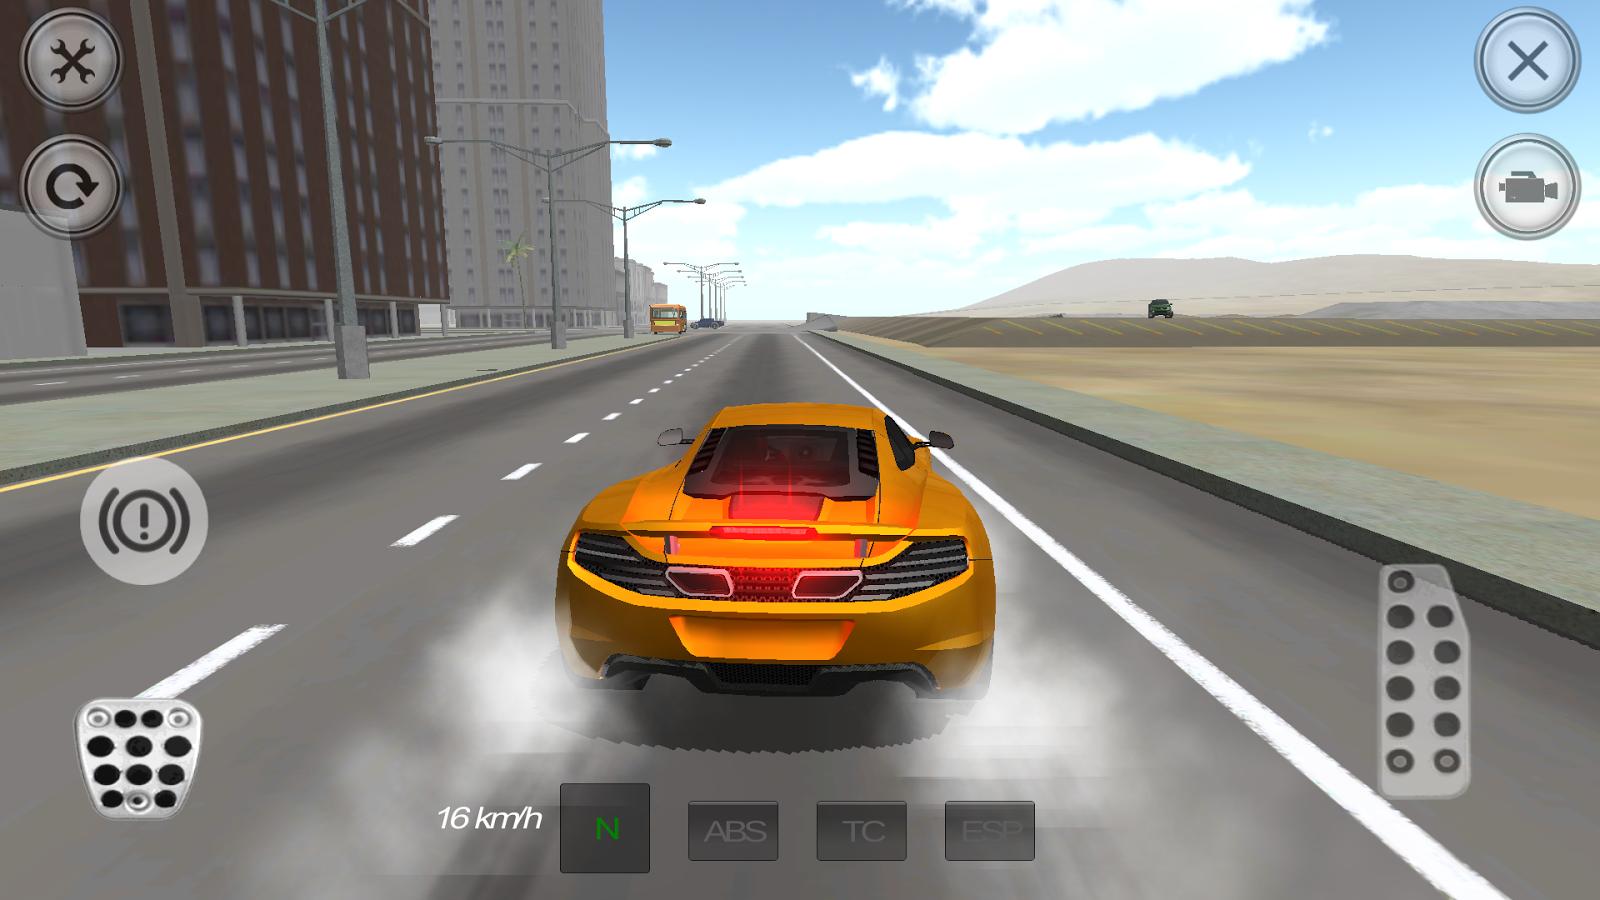 City Road Super Car 1 1 Apk Download Android Racing Games